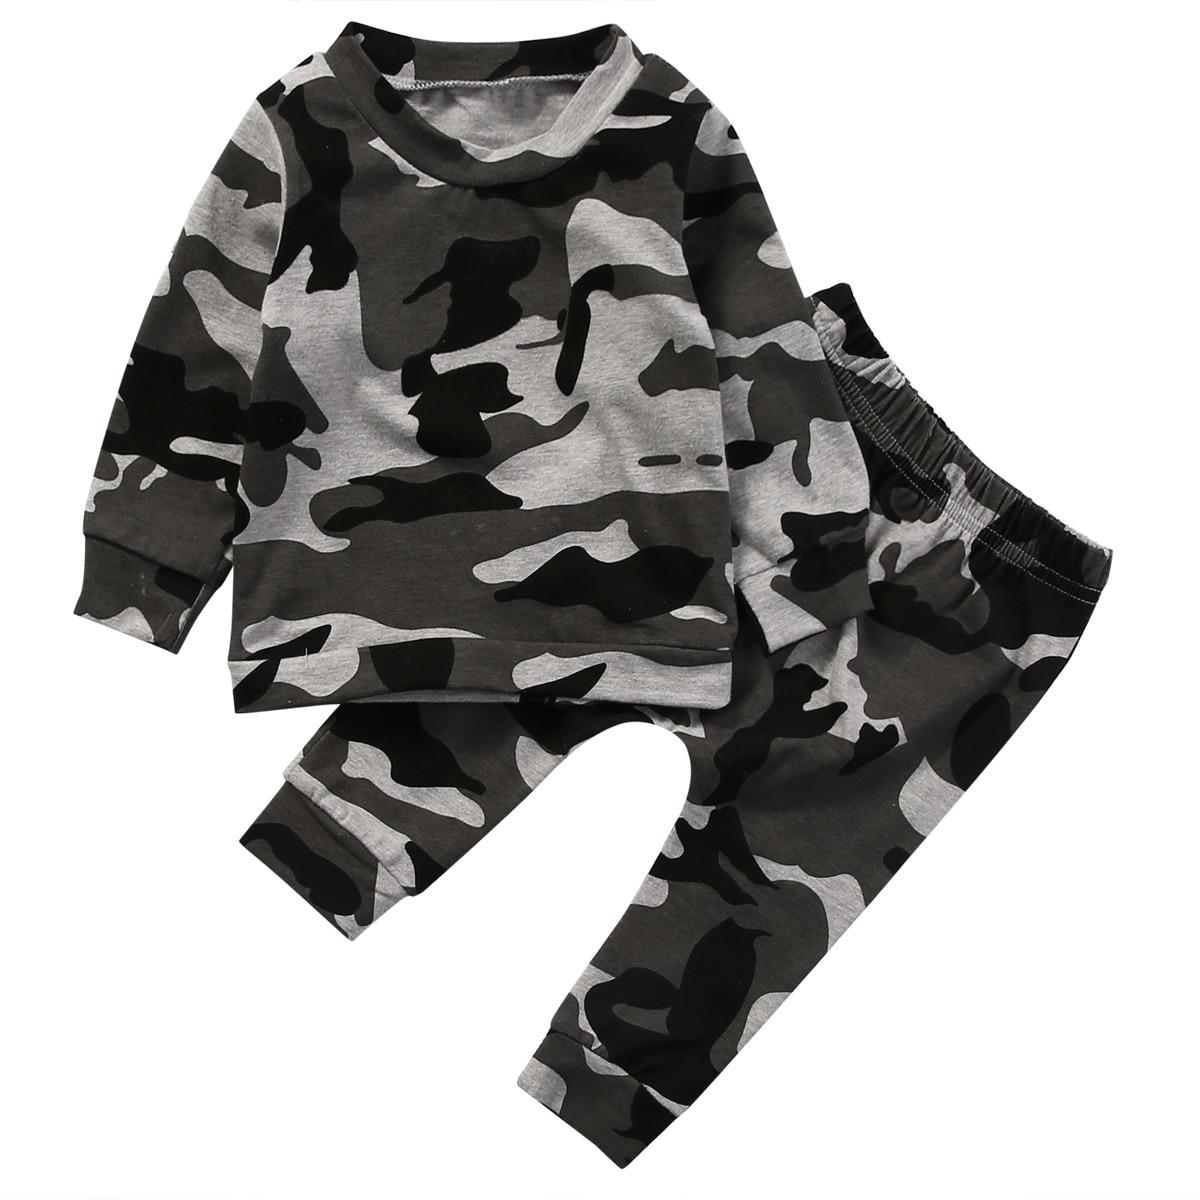 2 Stücke Neugeborenen Kleinkind Kind Jungen Mädchen Kleidung T-shirt Tops + Pants Outfits Set Kostüme Für Babys Zu Verkaufen